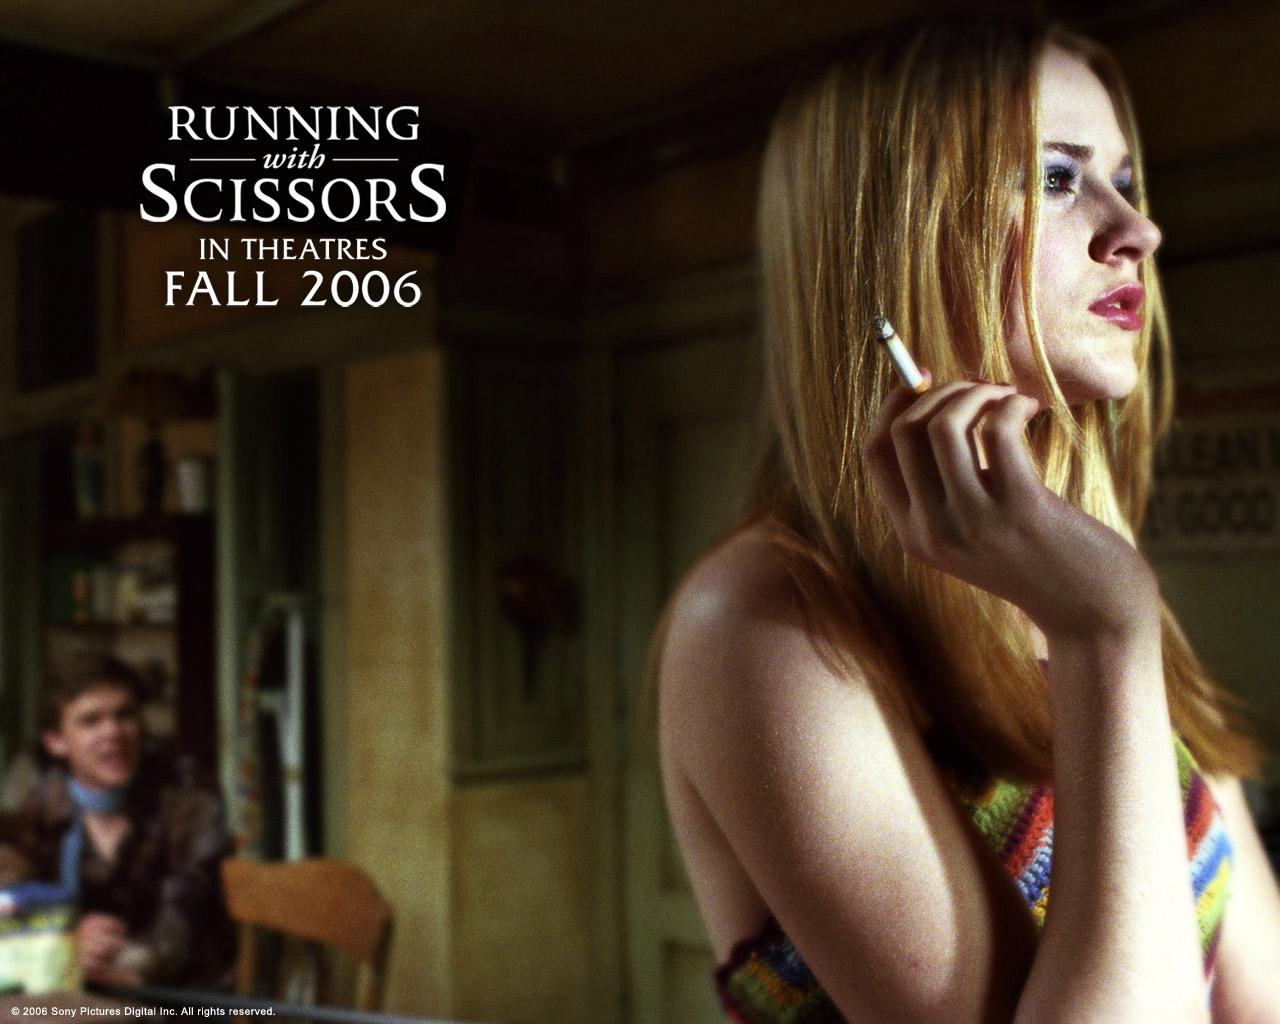 http://1.bp.blogspot.com/-faNqkVhmHU0/TiObbwAk4yI/AAAAAAAAYTc/v2HdMsvGvUM/s1600/Running_with_Scissors%252C_2006%252C_Evan_Rachel_Wood%252C_Annette_Bening.jpg